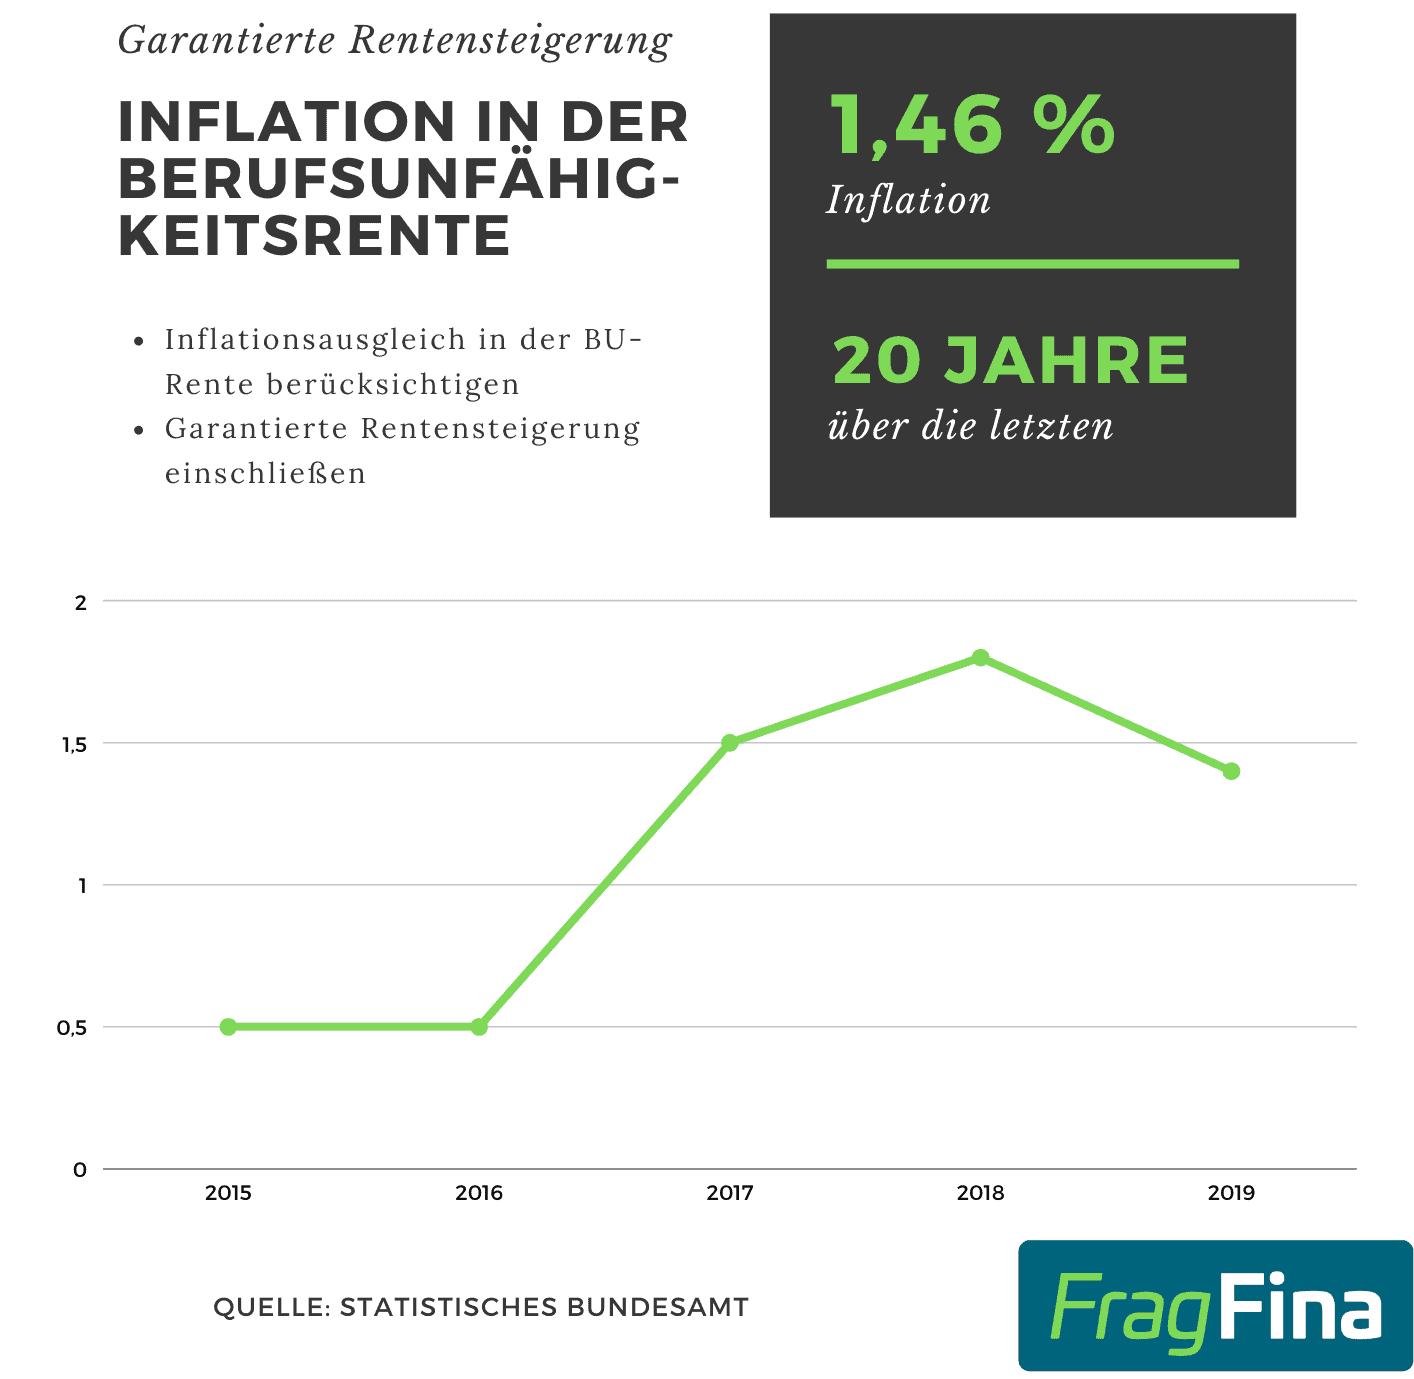 Berufsunfähigkeitsrente und Inflation